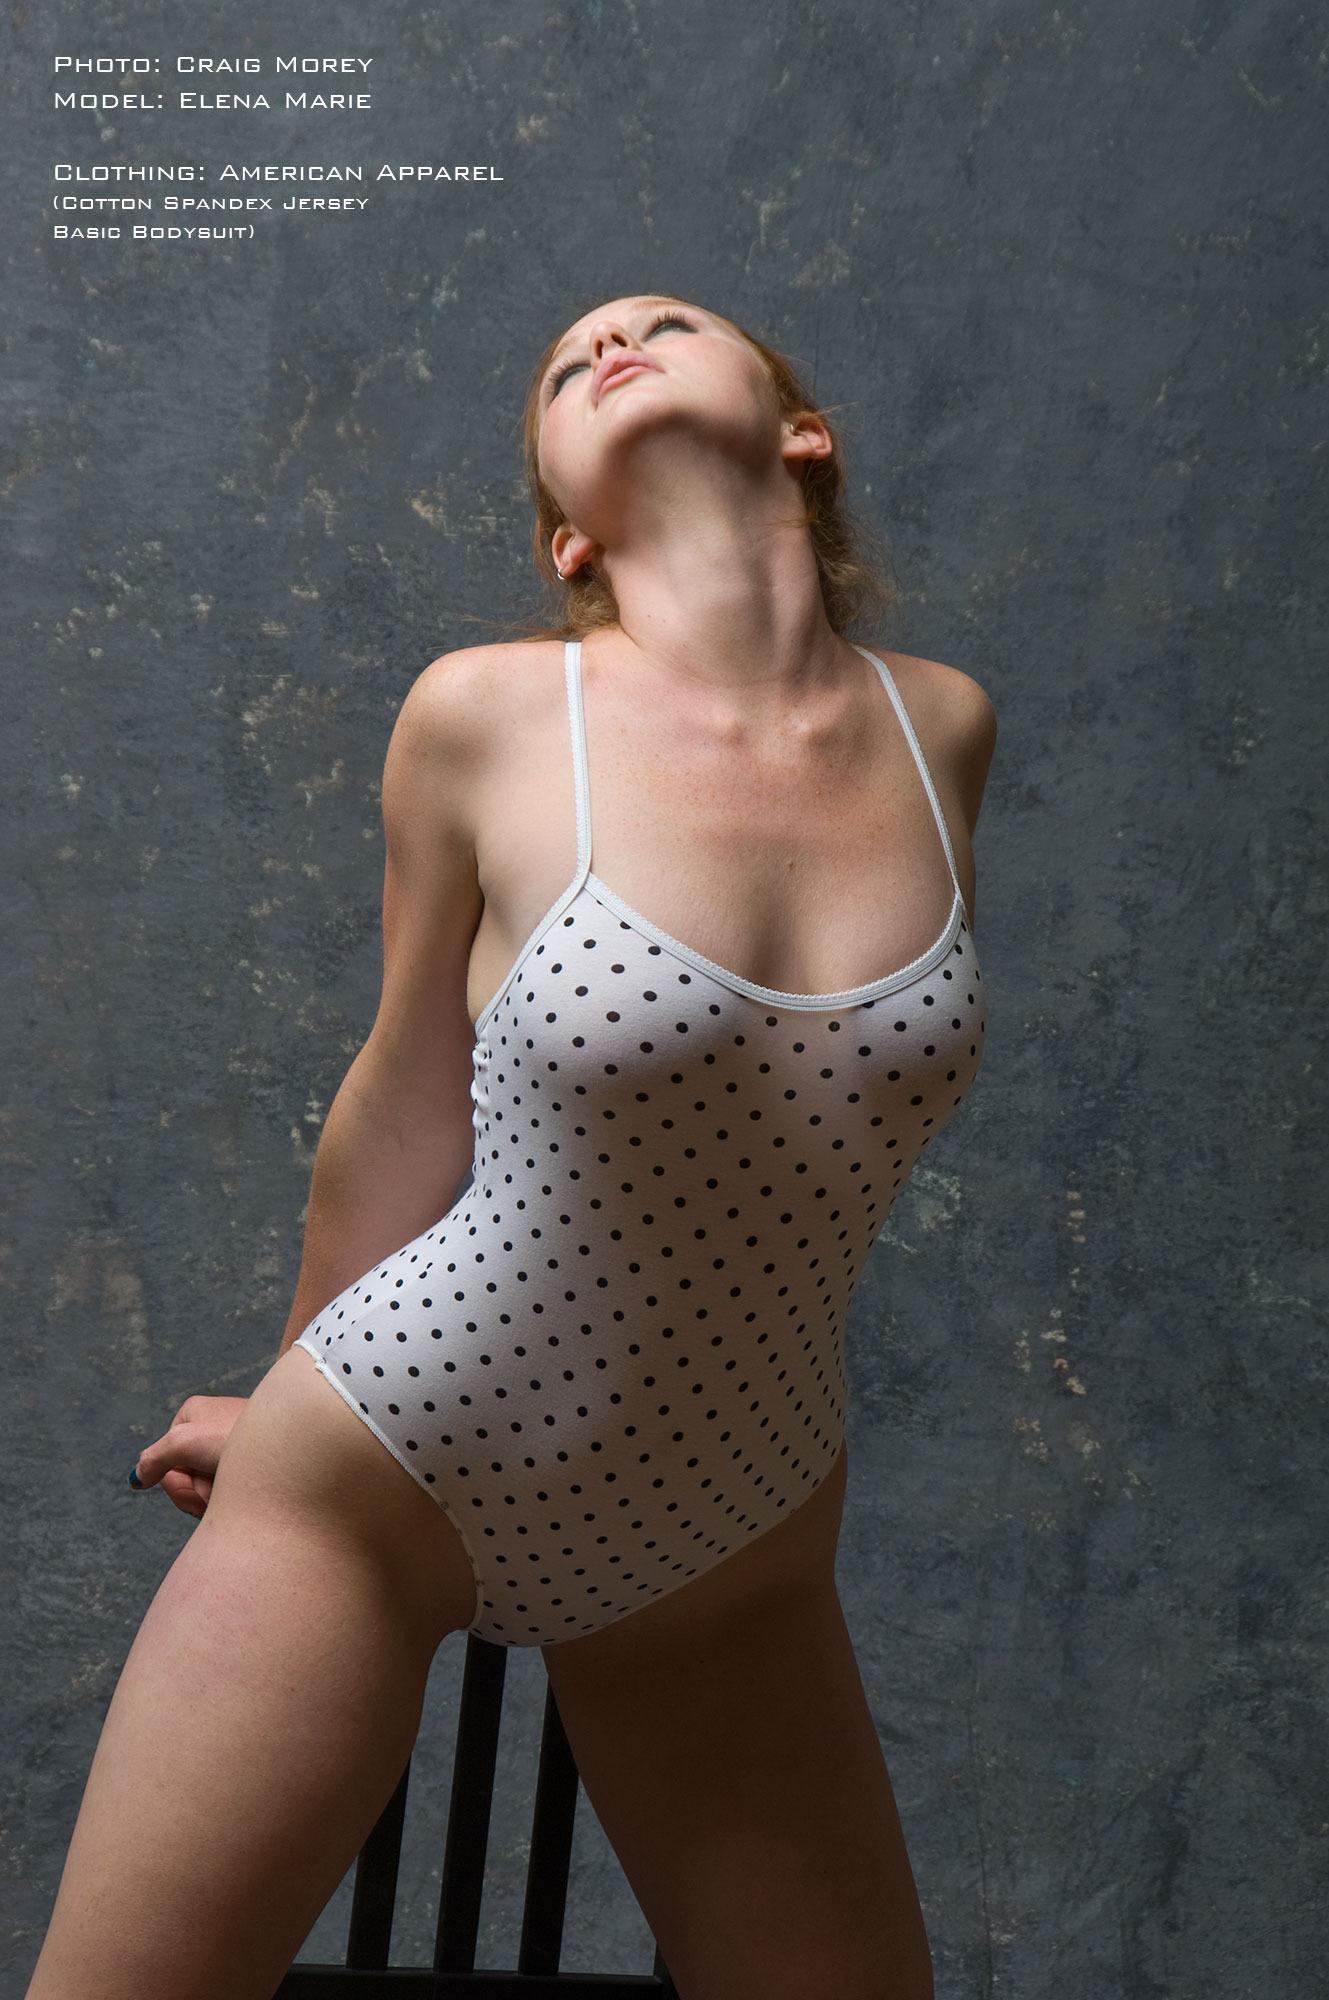 bravonude pics morey-studio elena c1 01 jpg